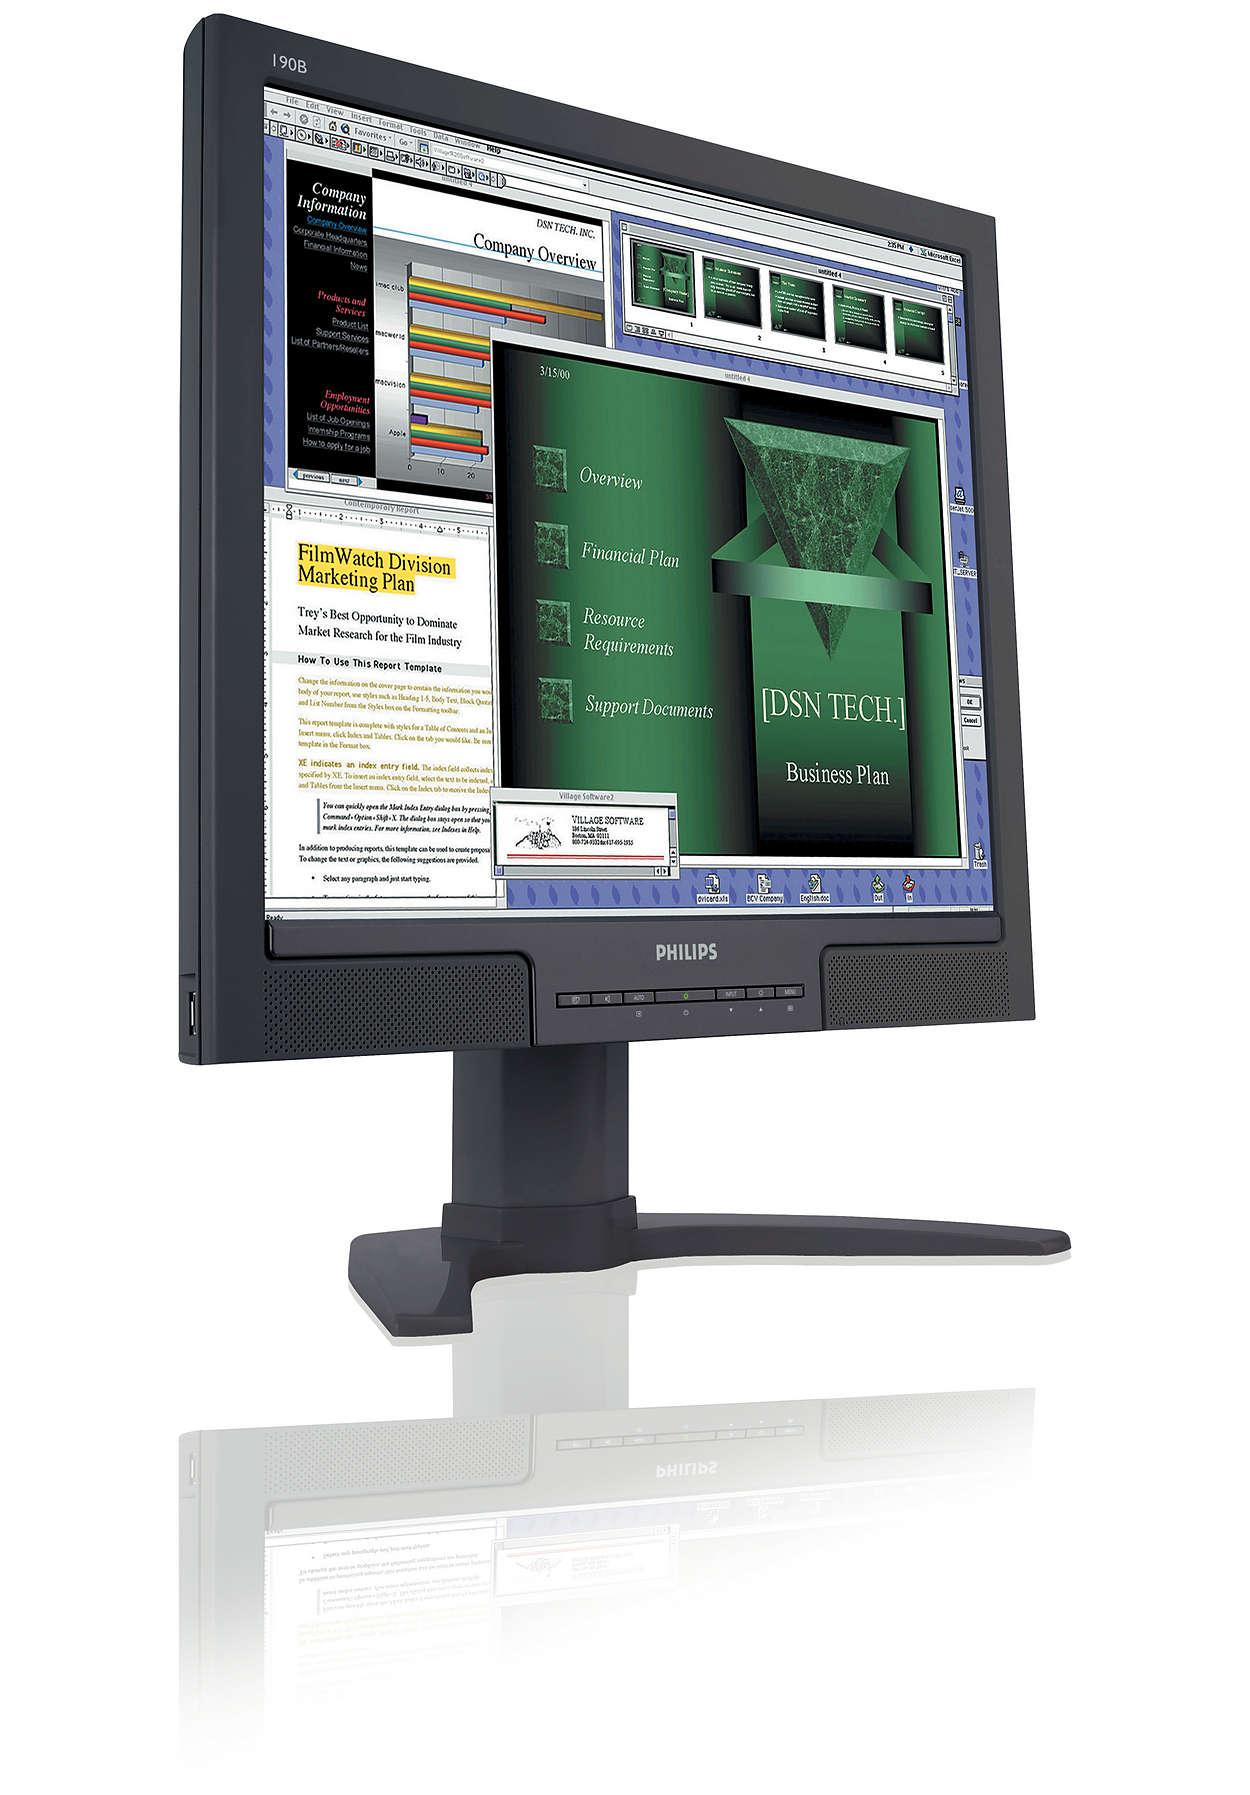 高生產力顯示器,帶來極大便利性